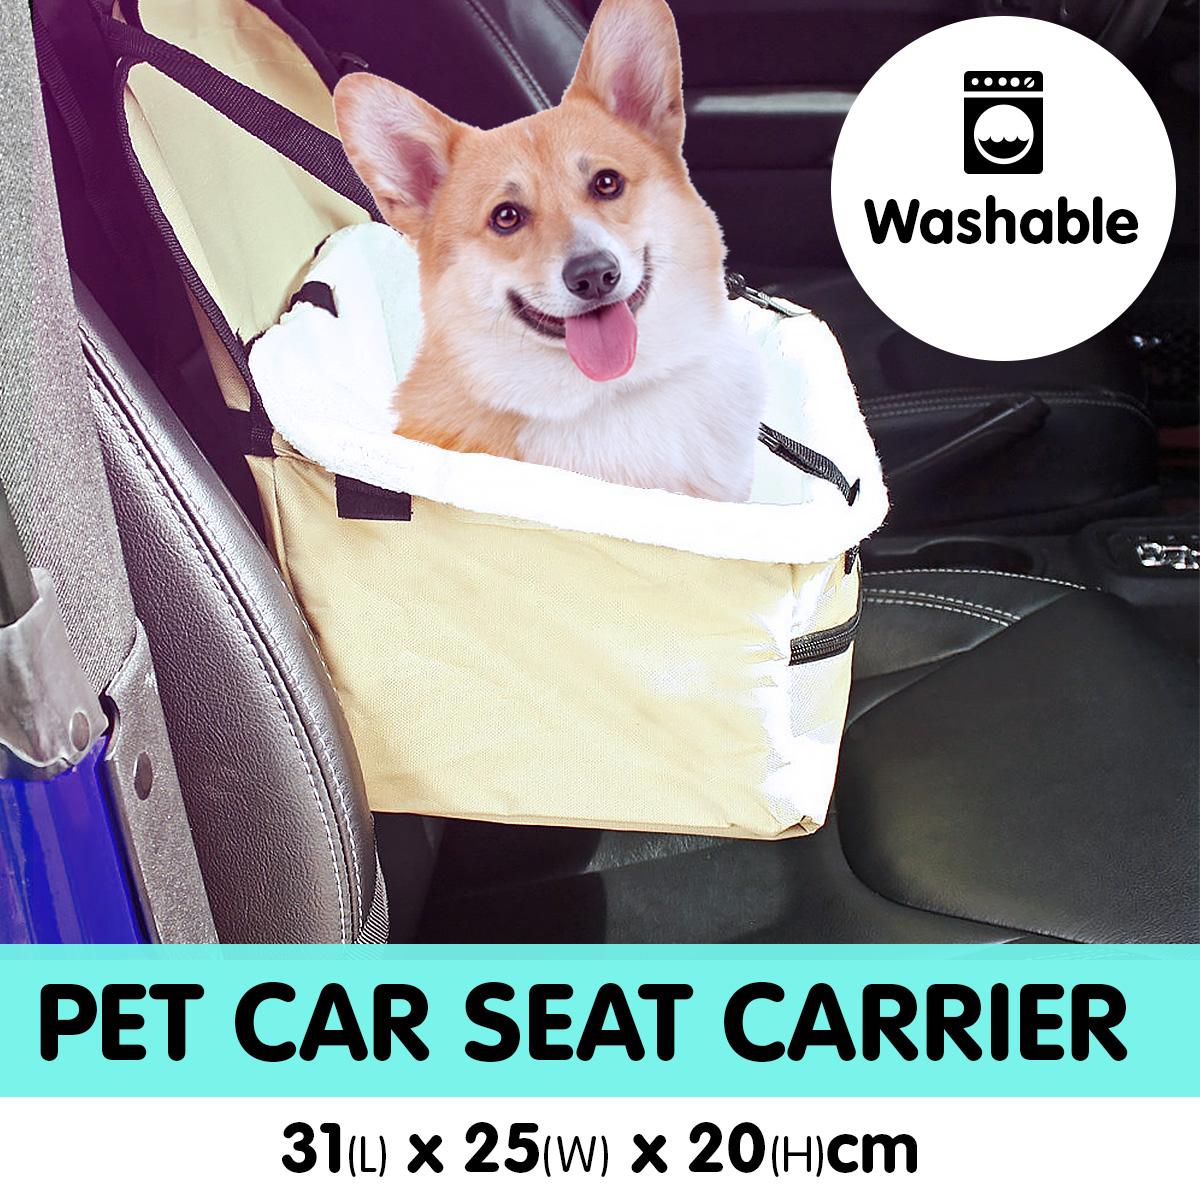 Pet Travel Carrier Bag - Beige